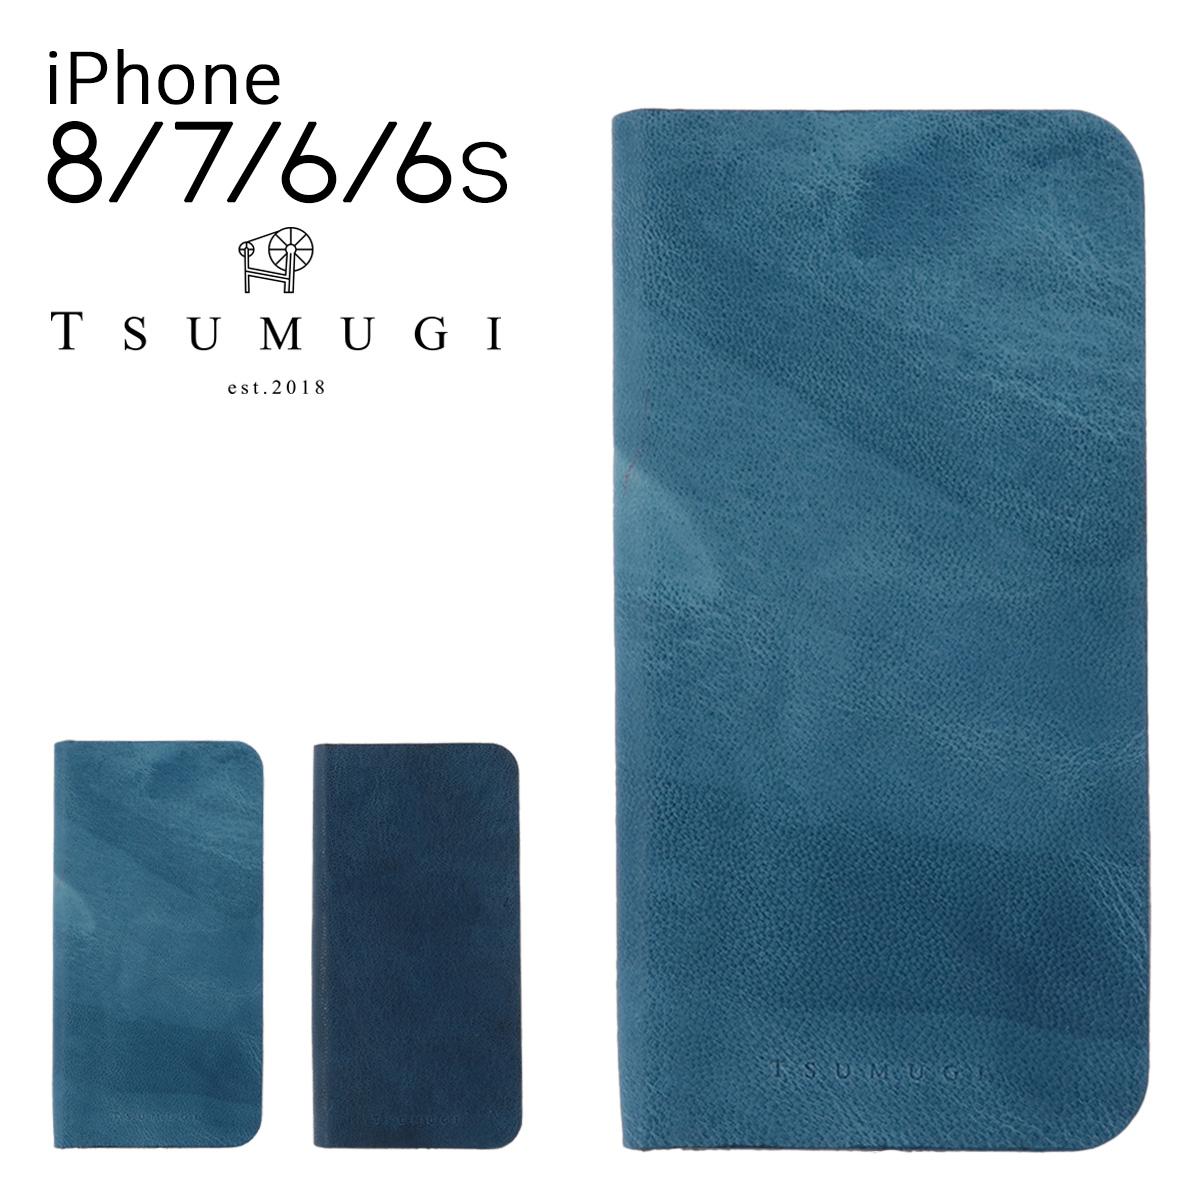 つむぎ iPhone8 iPhone7 iPhone6 iPhone6s ケース メンズ 藍染プレミアムレザー TU-BKI7S TSUMUGI 手帳型 スマートフォンケース 本革[PO5][bef][即日発送]